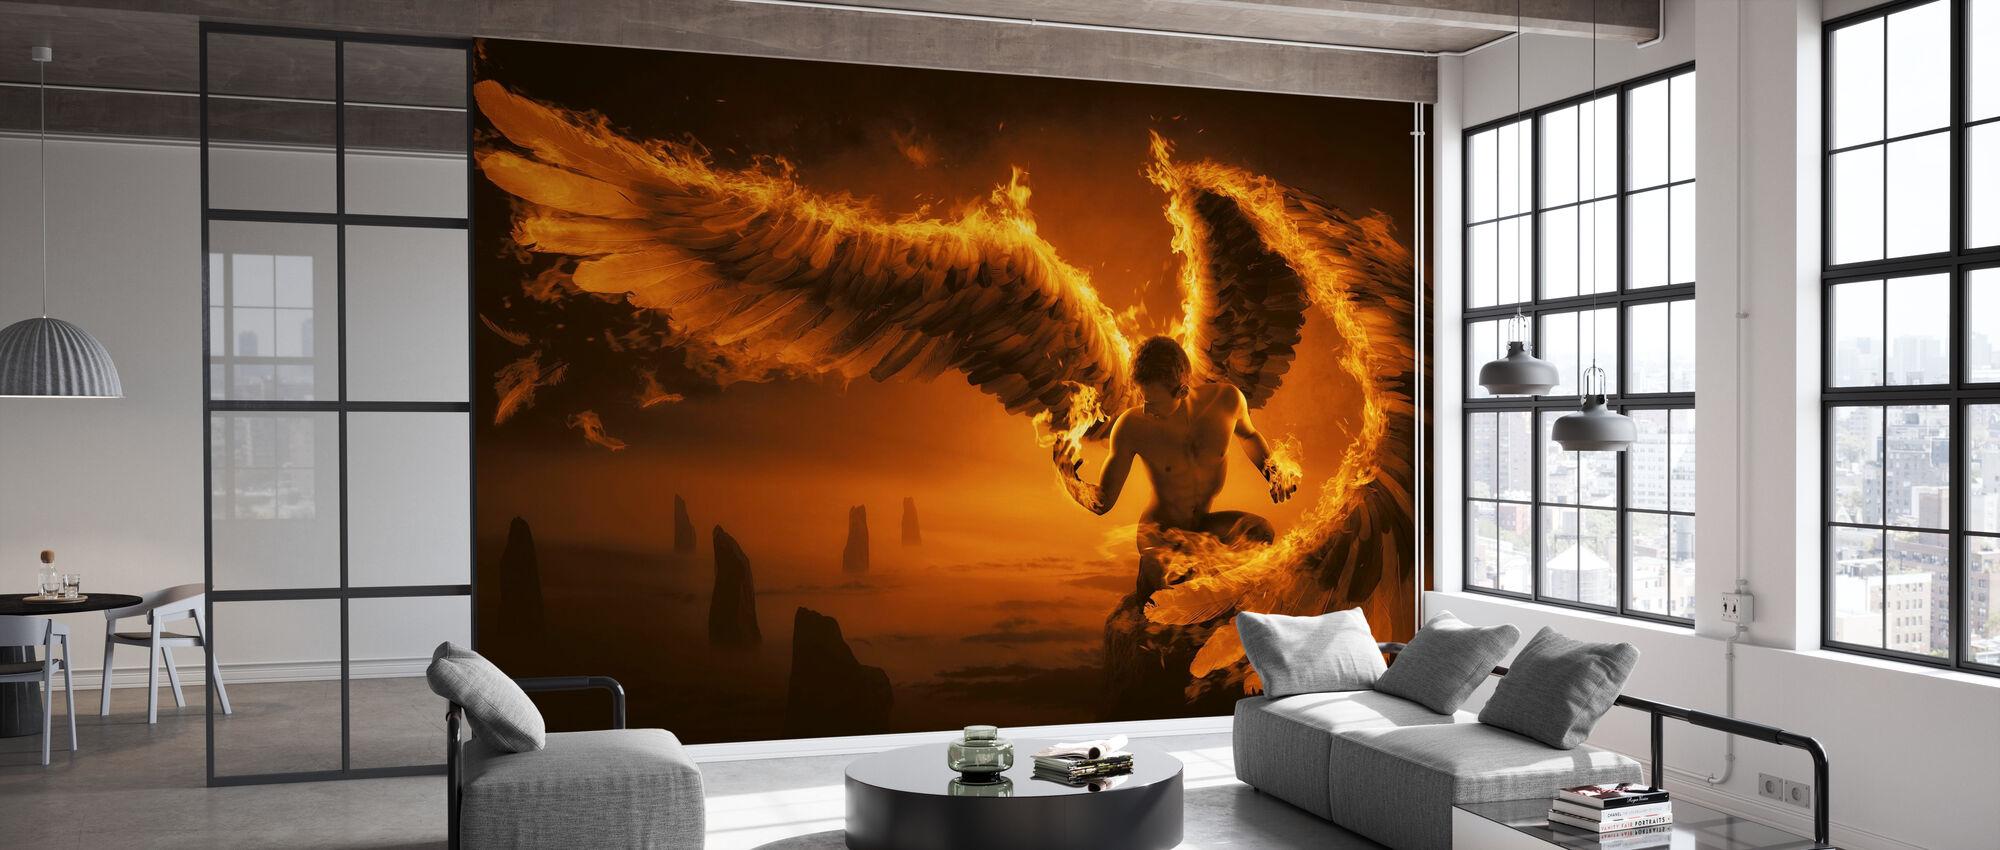 Fiery - Wallpaper - Office